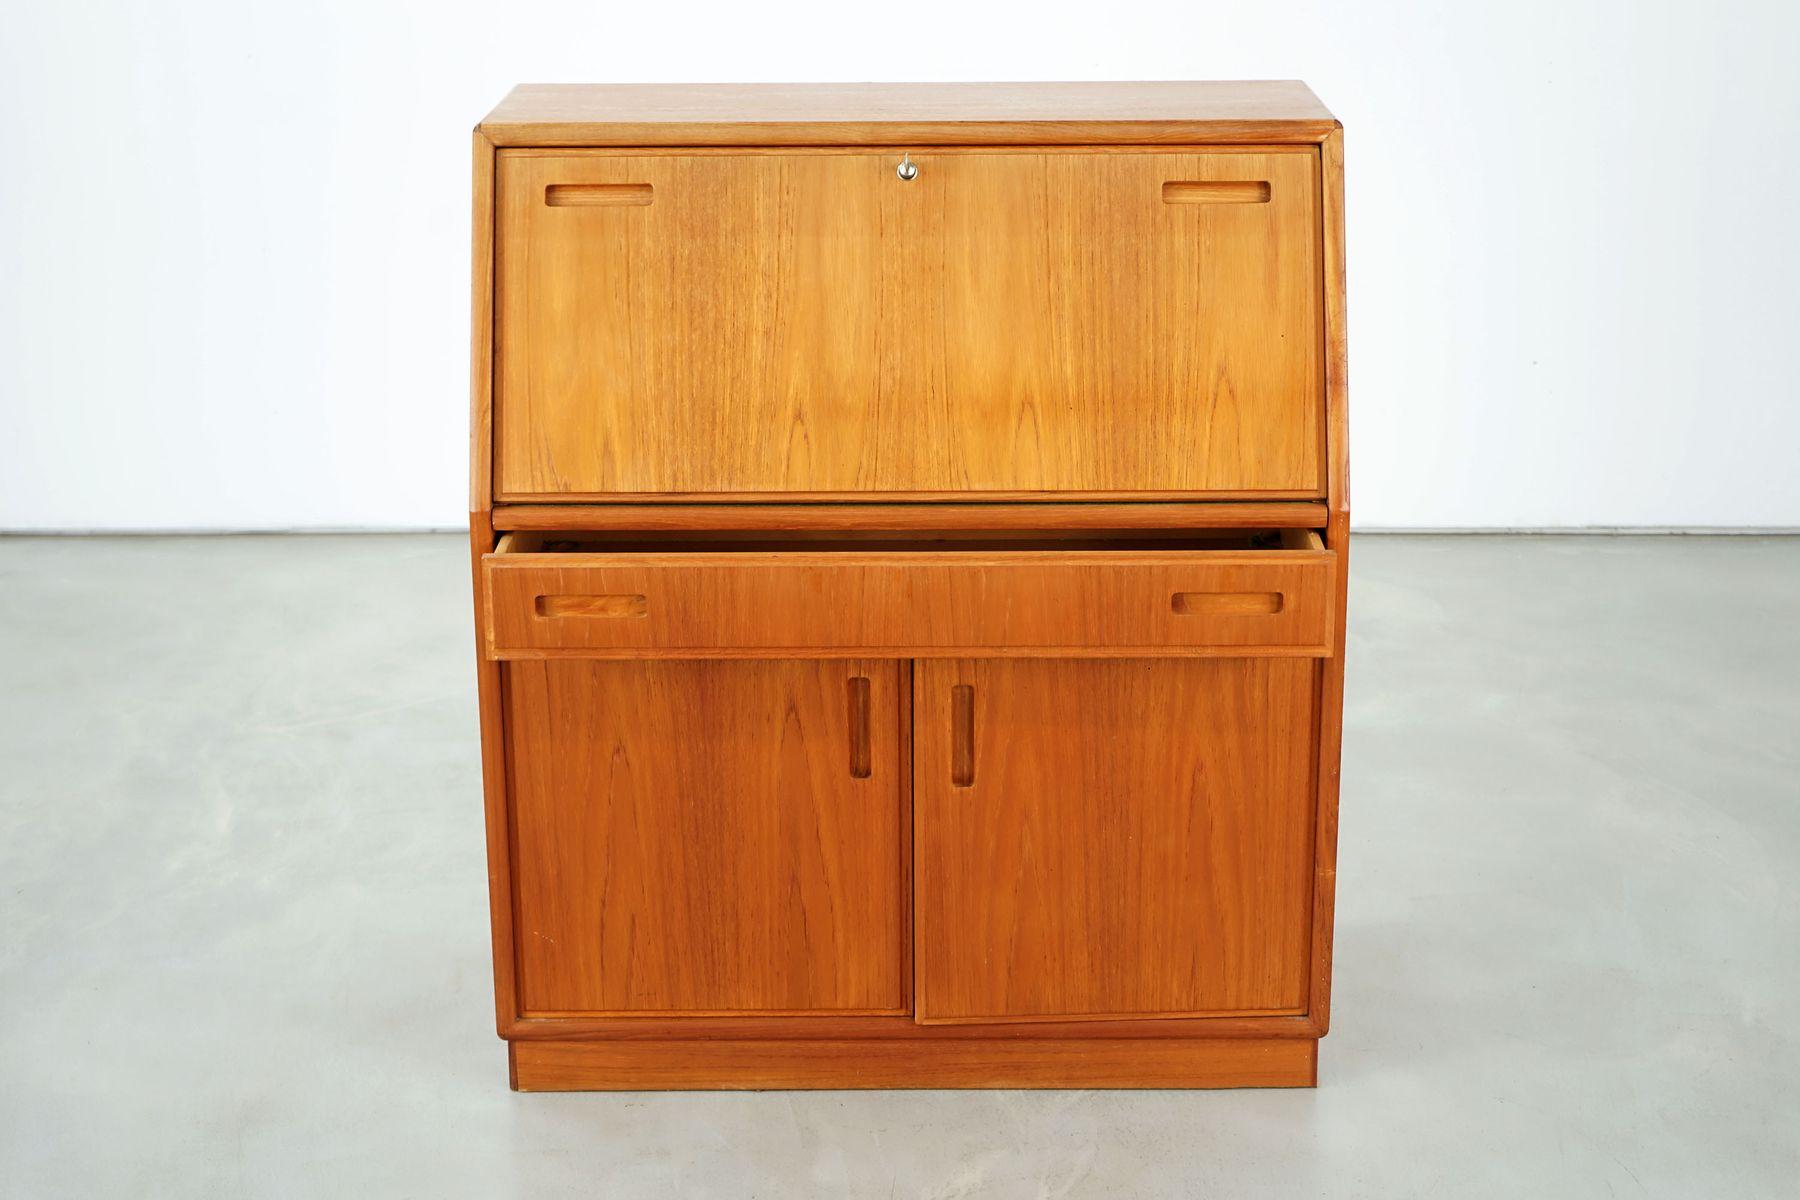 teak sekret r von dyrlund 1970er bei pamono kaufen. Black Bedroom Furniture Sets. Home Design Ideas